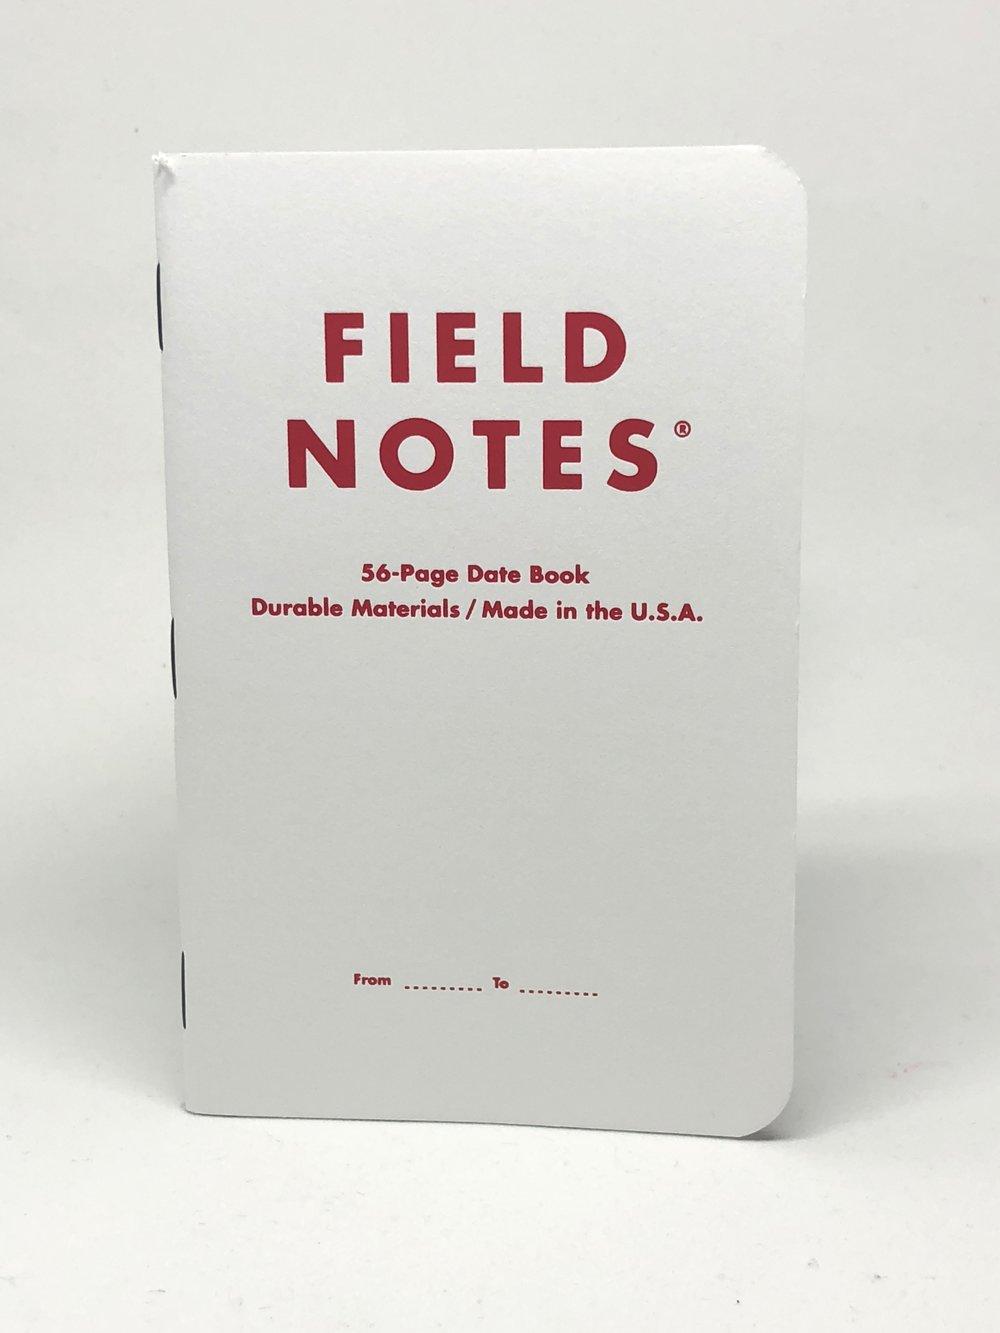 field-notes-resolution-14.jpg